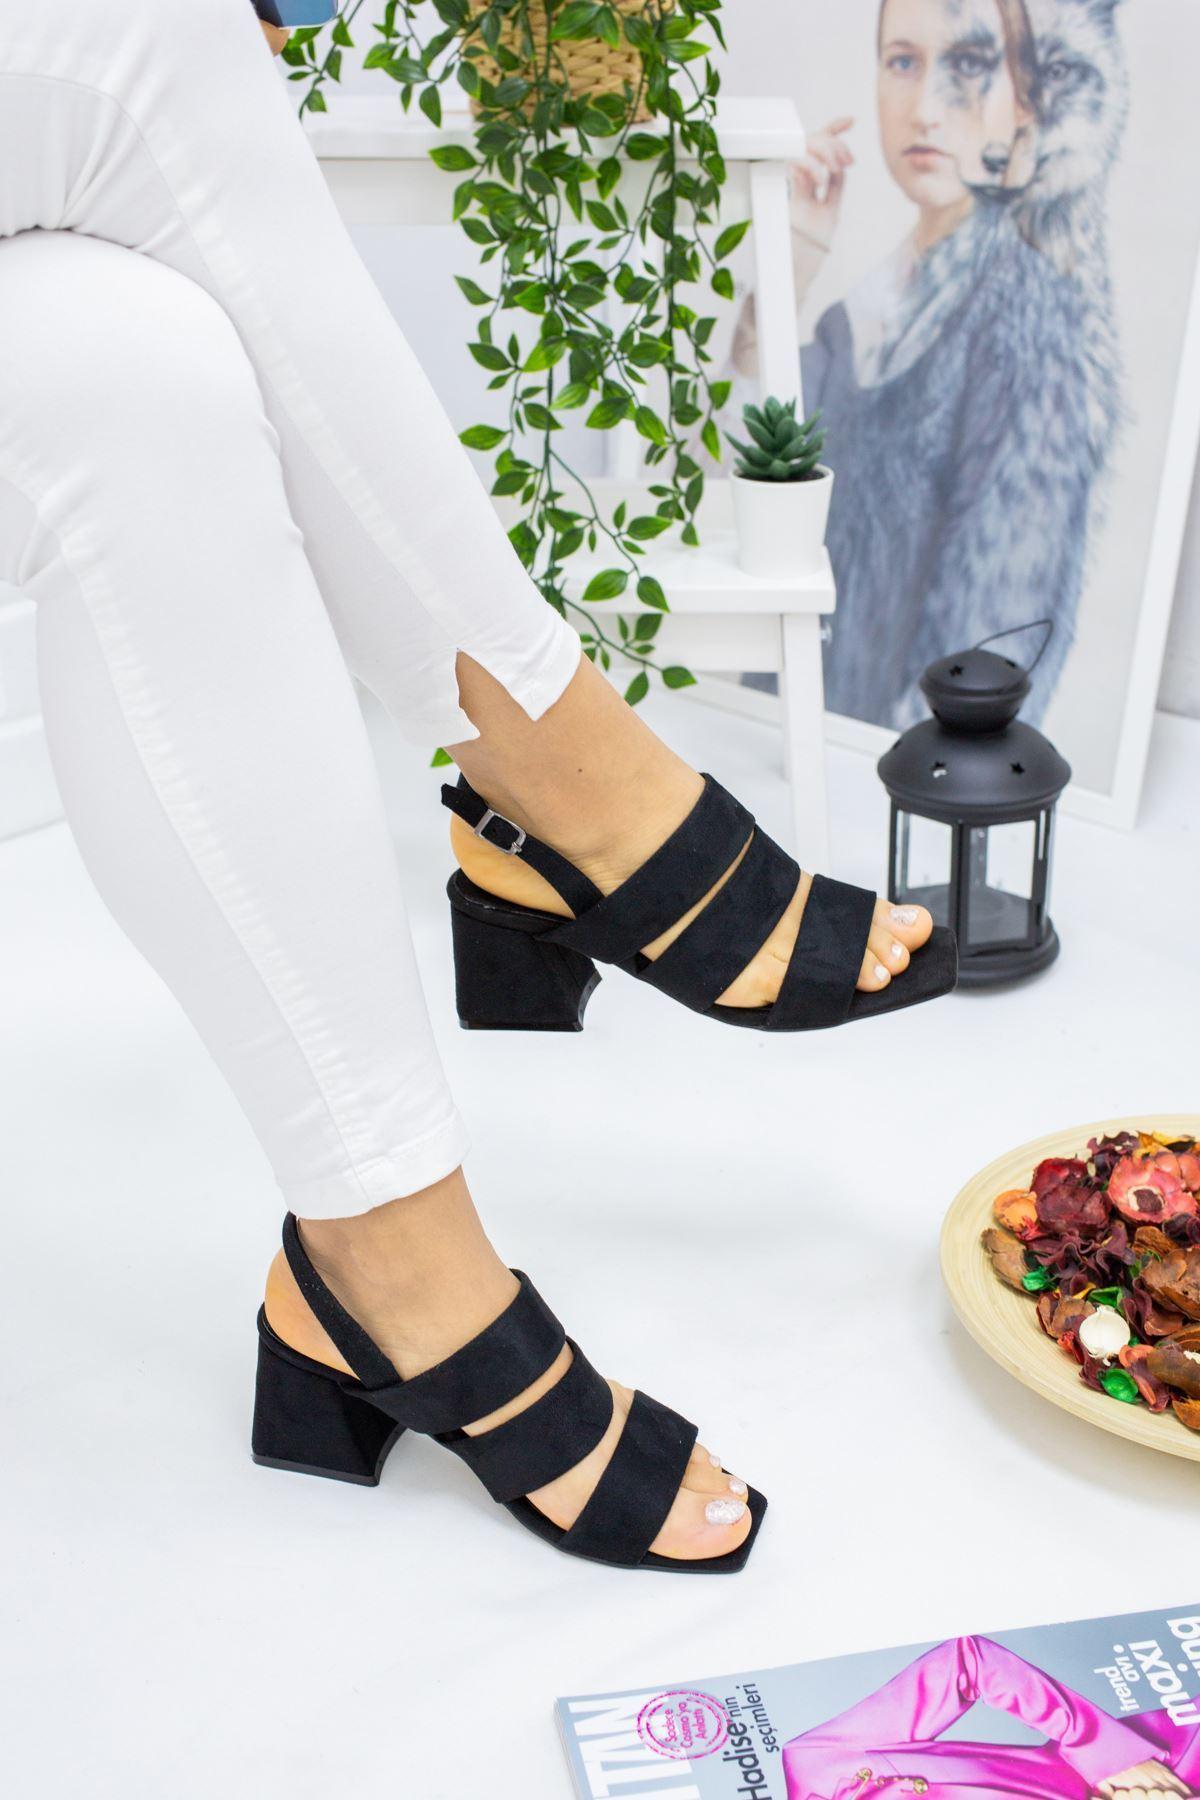 Davide Siyah Süet Kadın Topuklu Ayakkabı